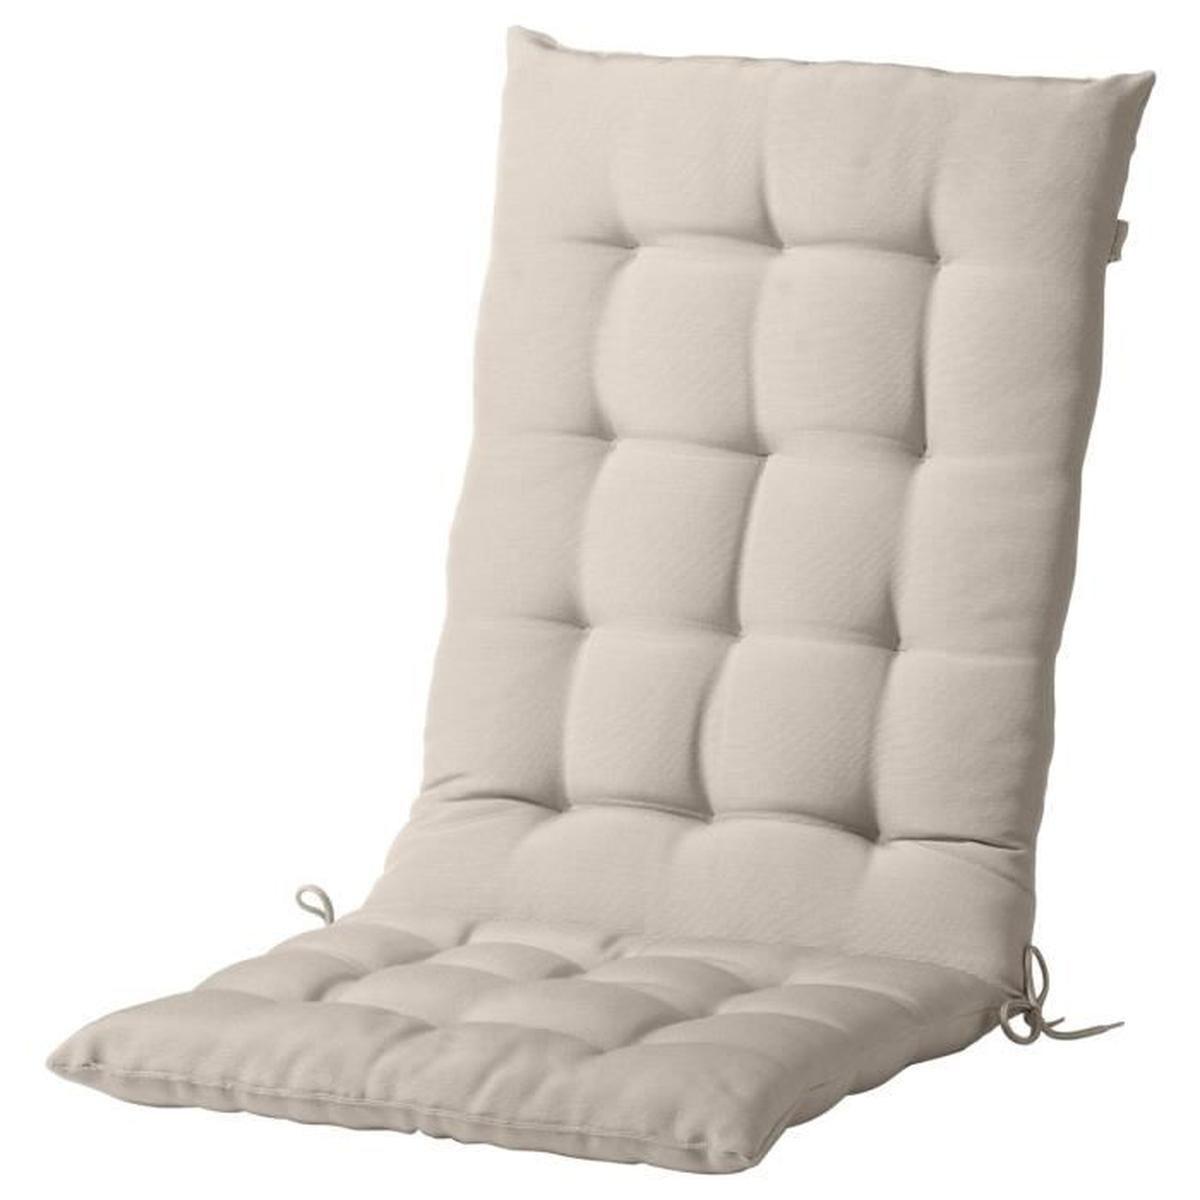 Coussin Assise Dossier Couleur Beige Pour Chaise Terrasse Ou ... à Siege Jardin Ikea